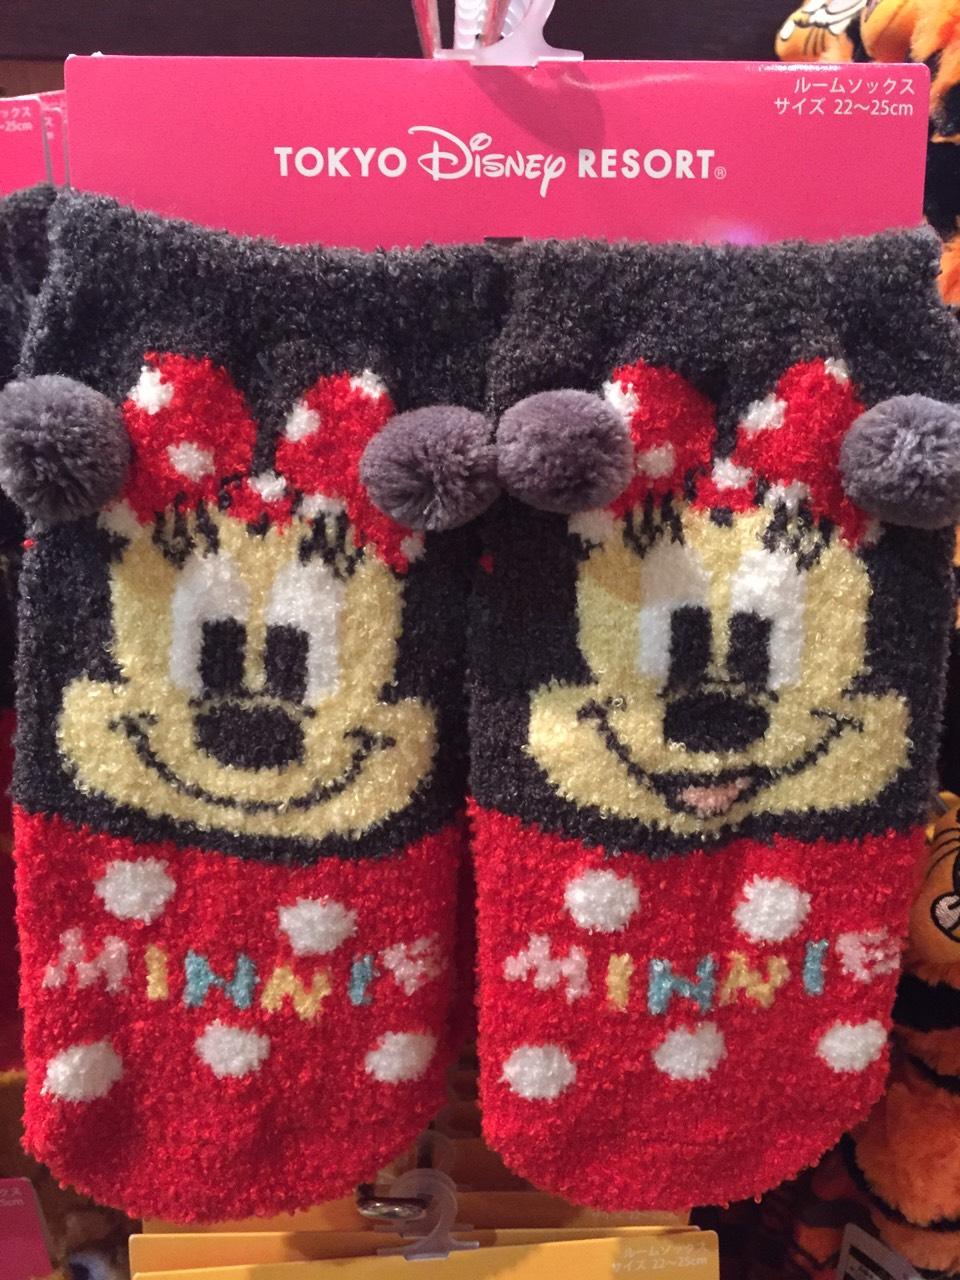 【真愛日本】16030100007樂園限定毛襪-米妮 迪士尼 米老鼠米奇 米妮  短襪 毛襪 襪子 居家